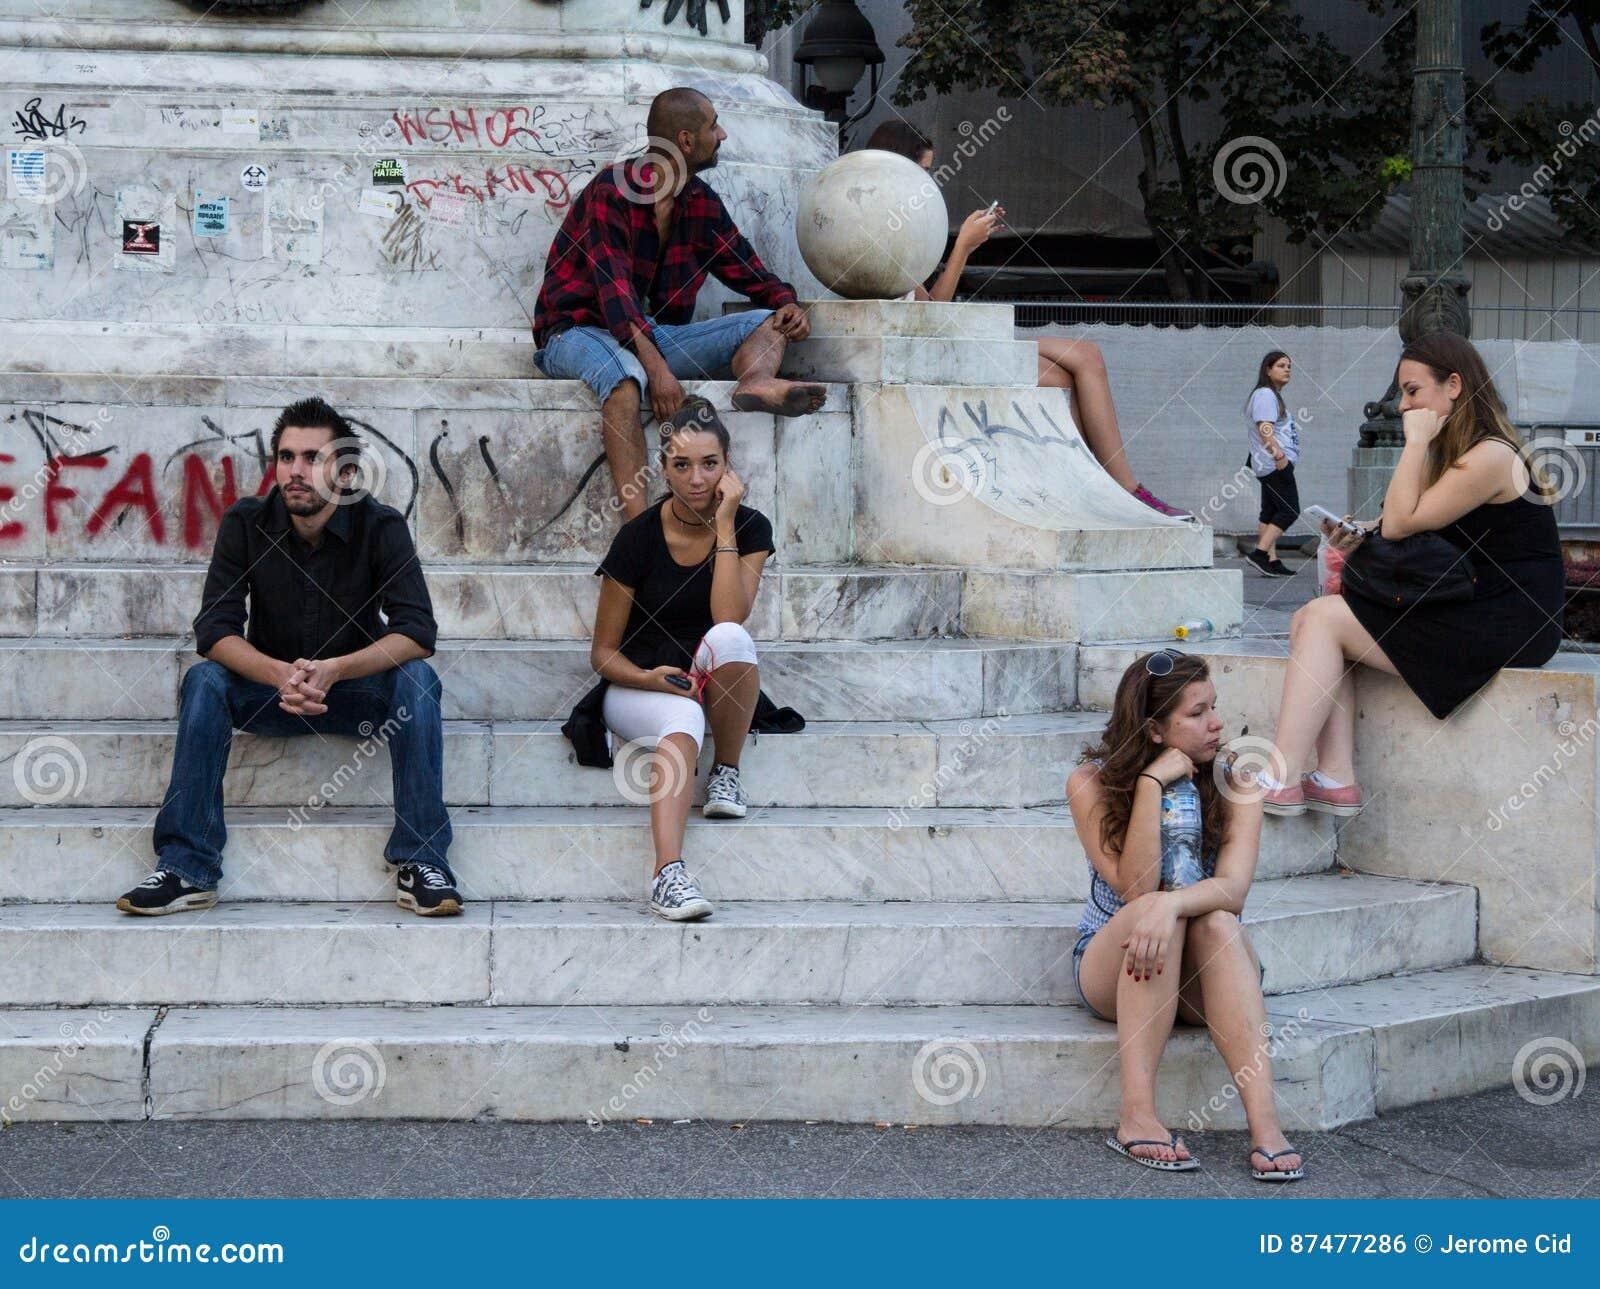 БЕЛГРАД, СЕРБИЯ - 2-ОЕ АВГУСТА 2015: Маленькие девочки людей, мальчики и старик ждать на республике придают квадратную форму под